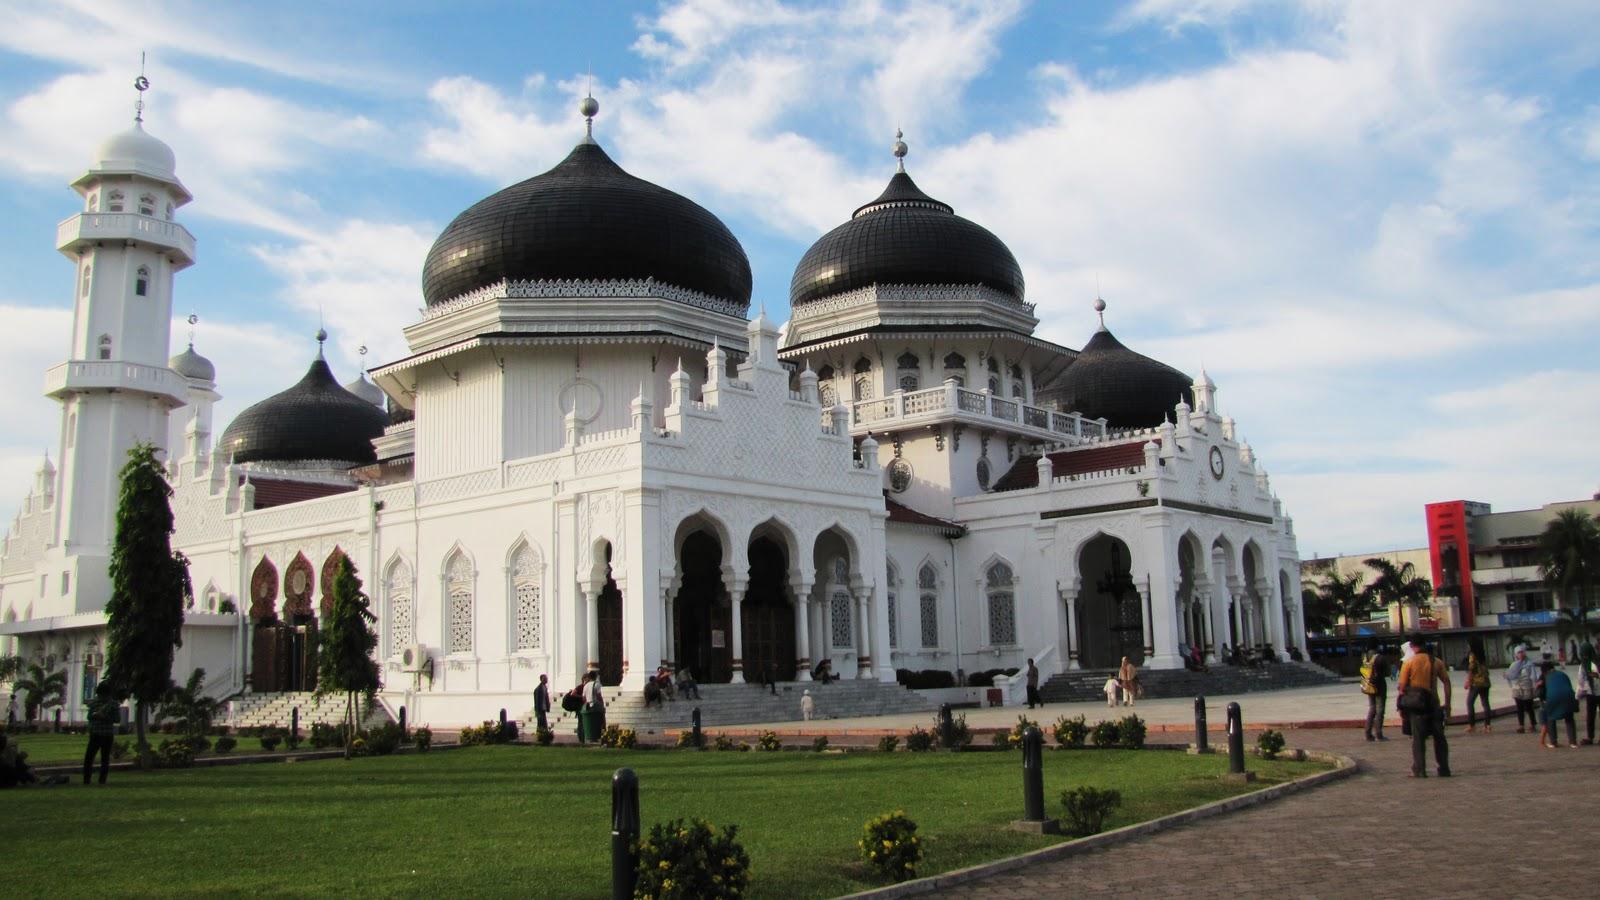 Mesjid Raya Baiturrahman